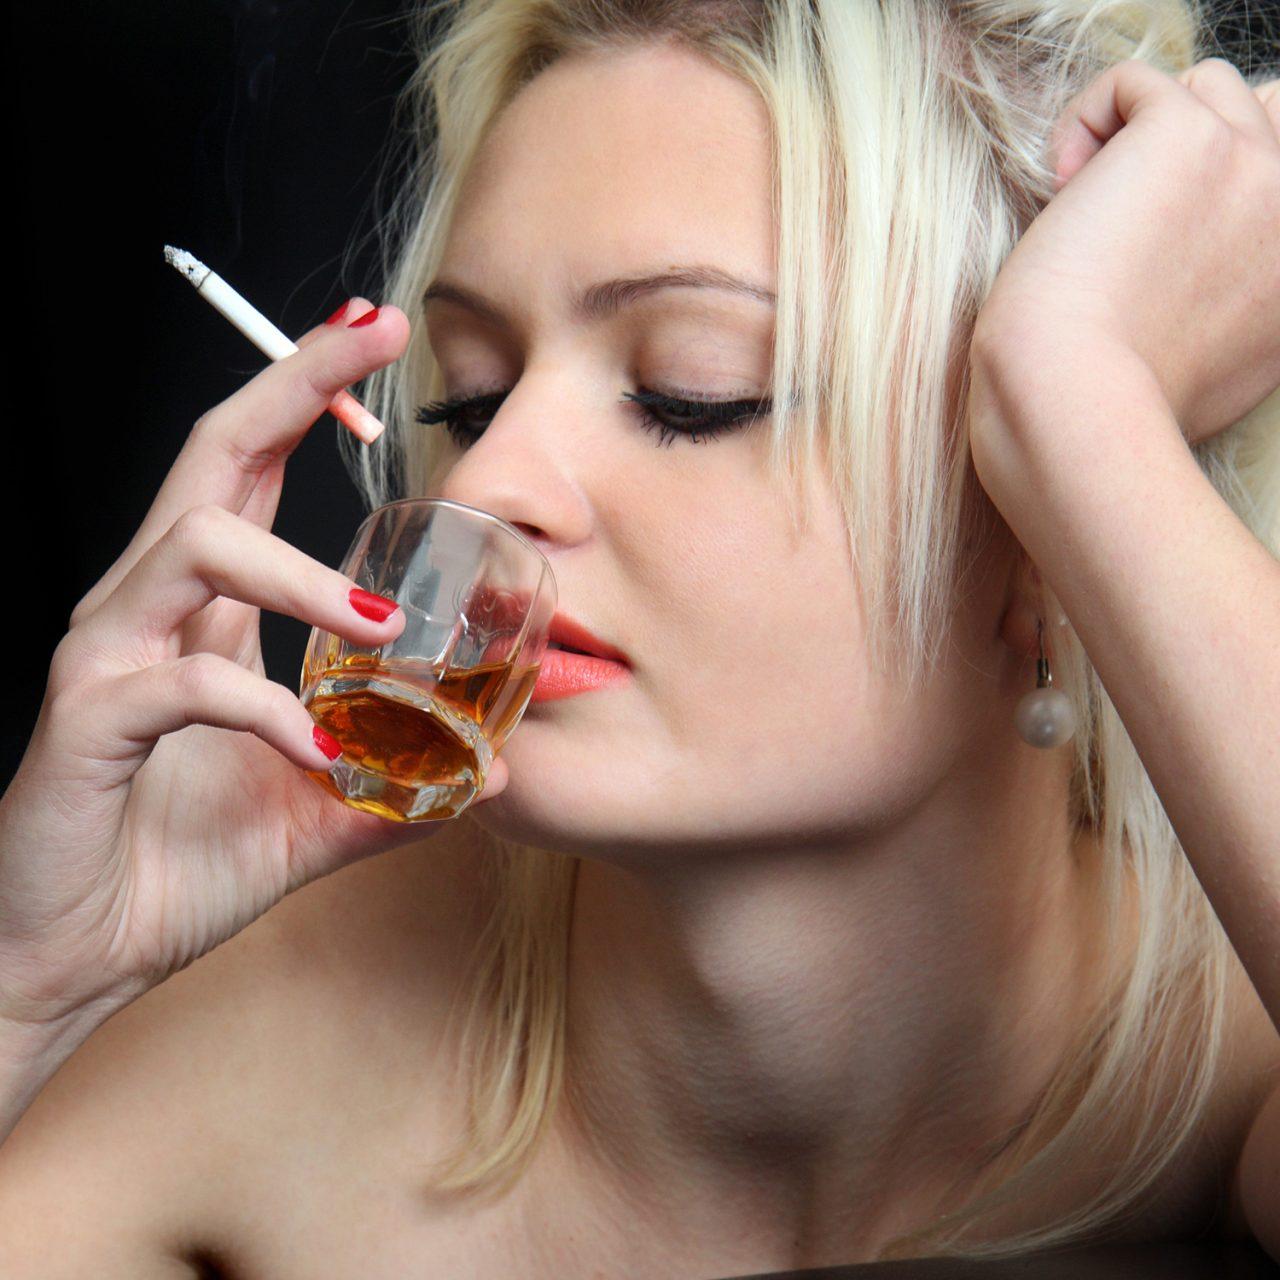 Βιβλίο αναφοράς καπνίσματος – ποιες επιχειρήσεις πρέπει να το τηρούν;